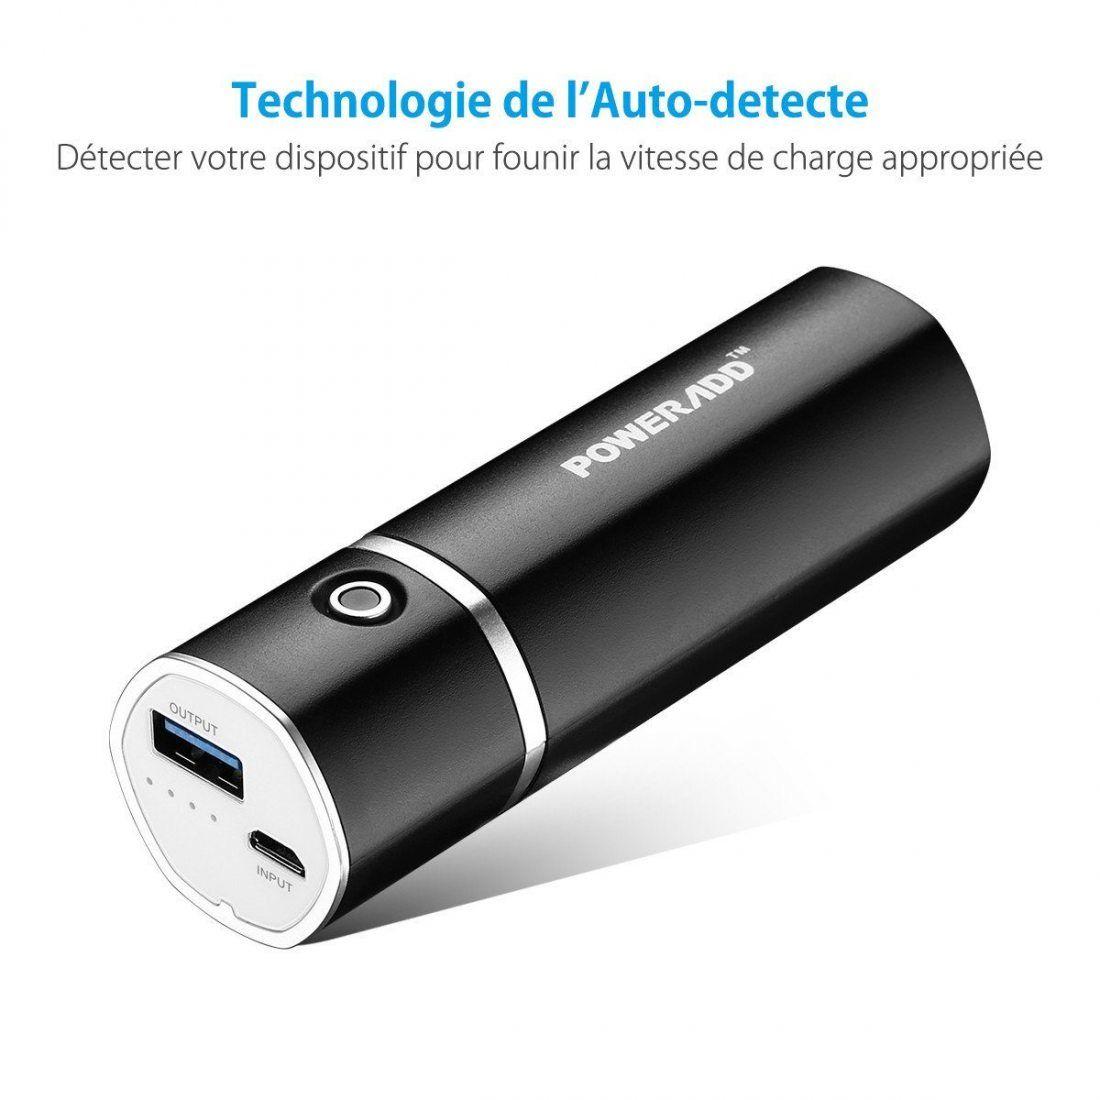 poweradd slim2 5000mah chargeur portable batterie de secours externe pour t l phone potable. Black Bedroom Furniture Sets. Home Design Ideas